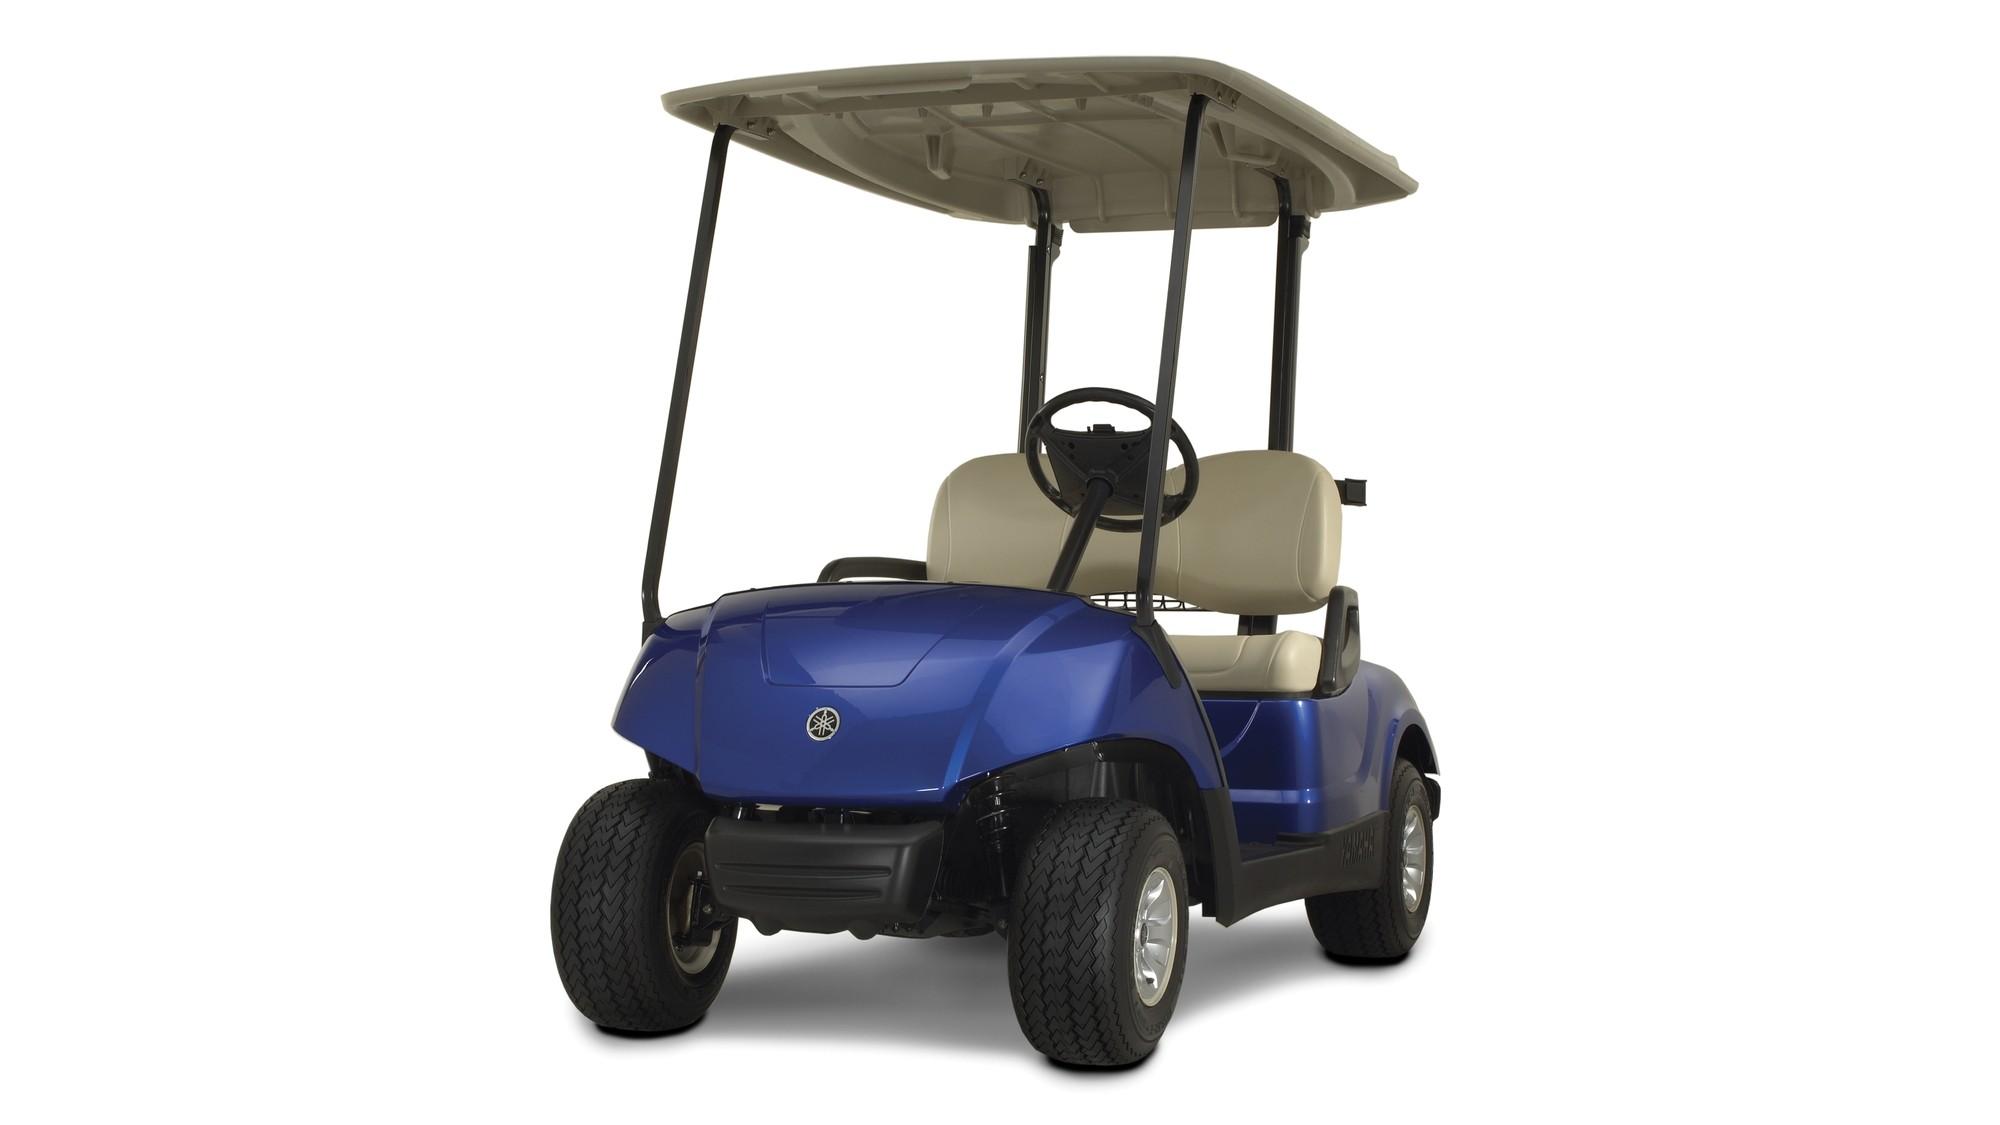 Yamaha petrol golf cart